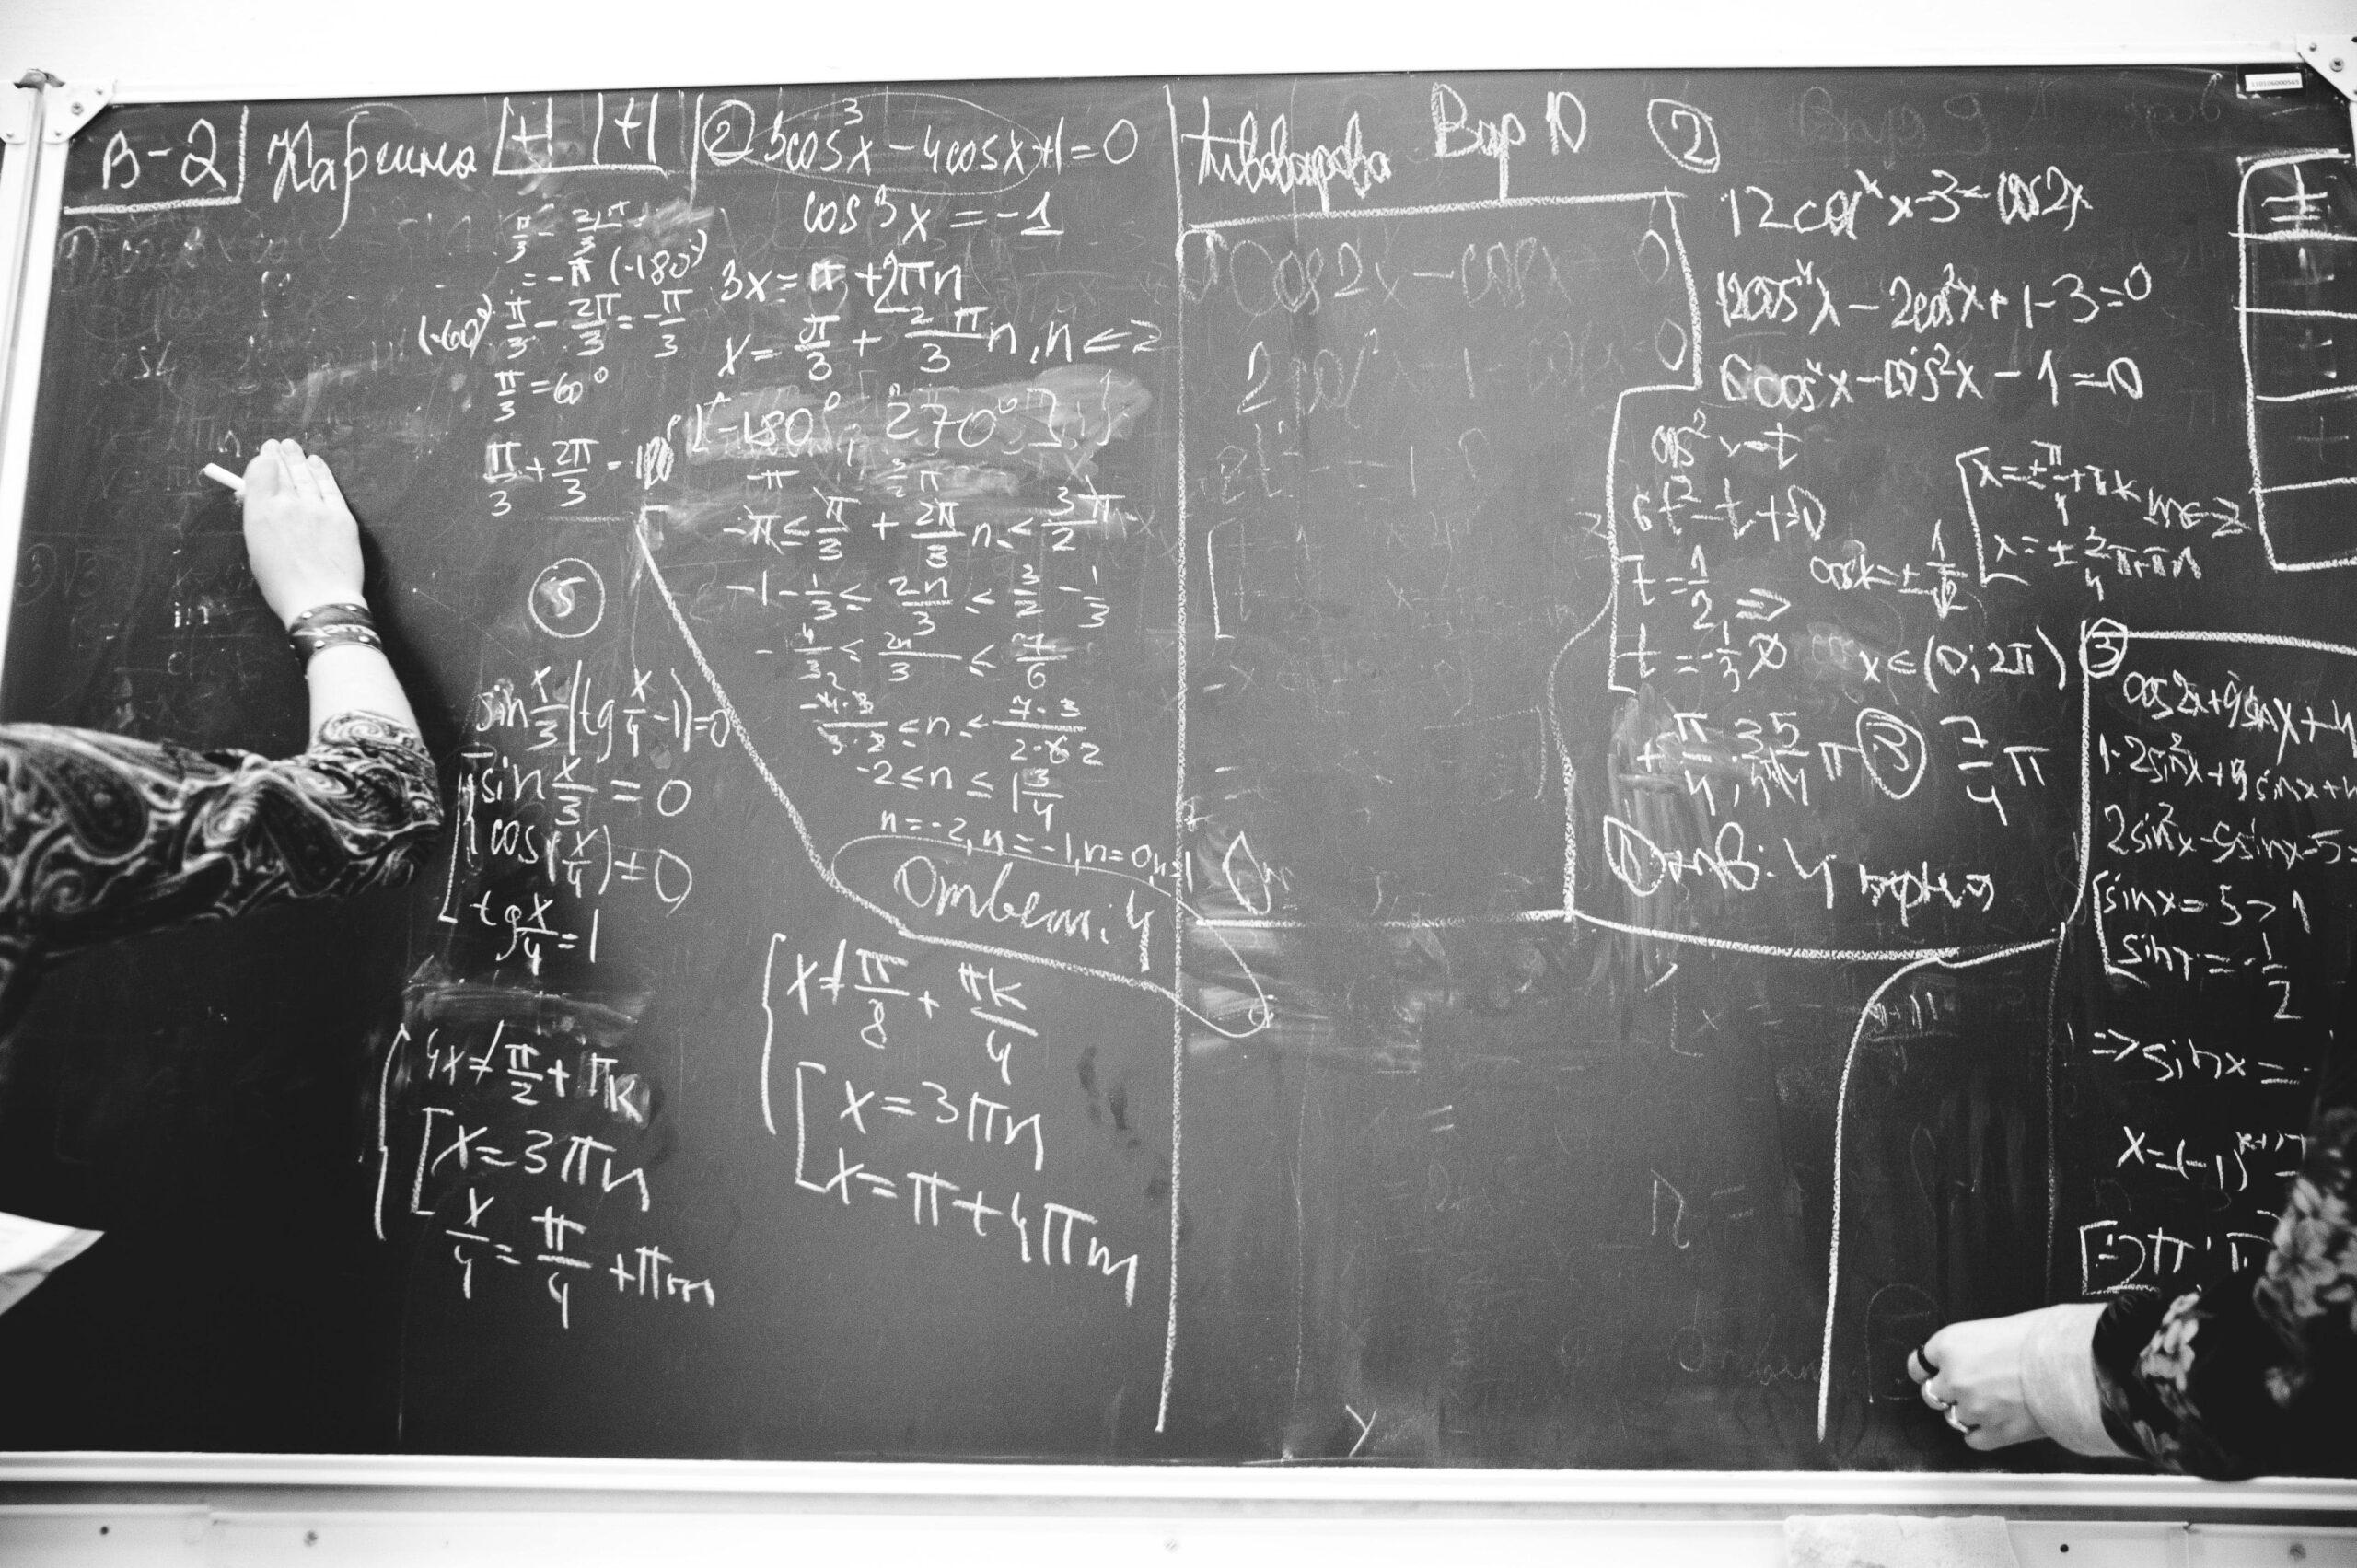 un tableau noir avec des formules mathématiques écrites à la craie